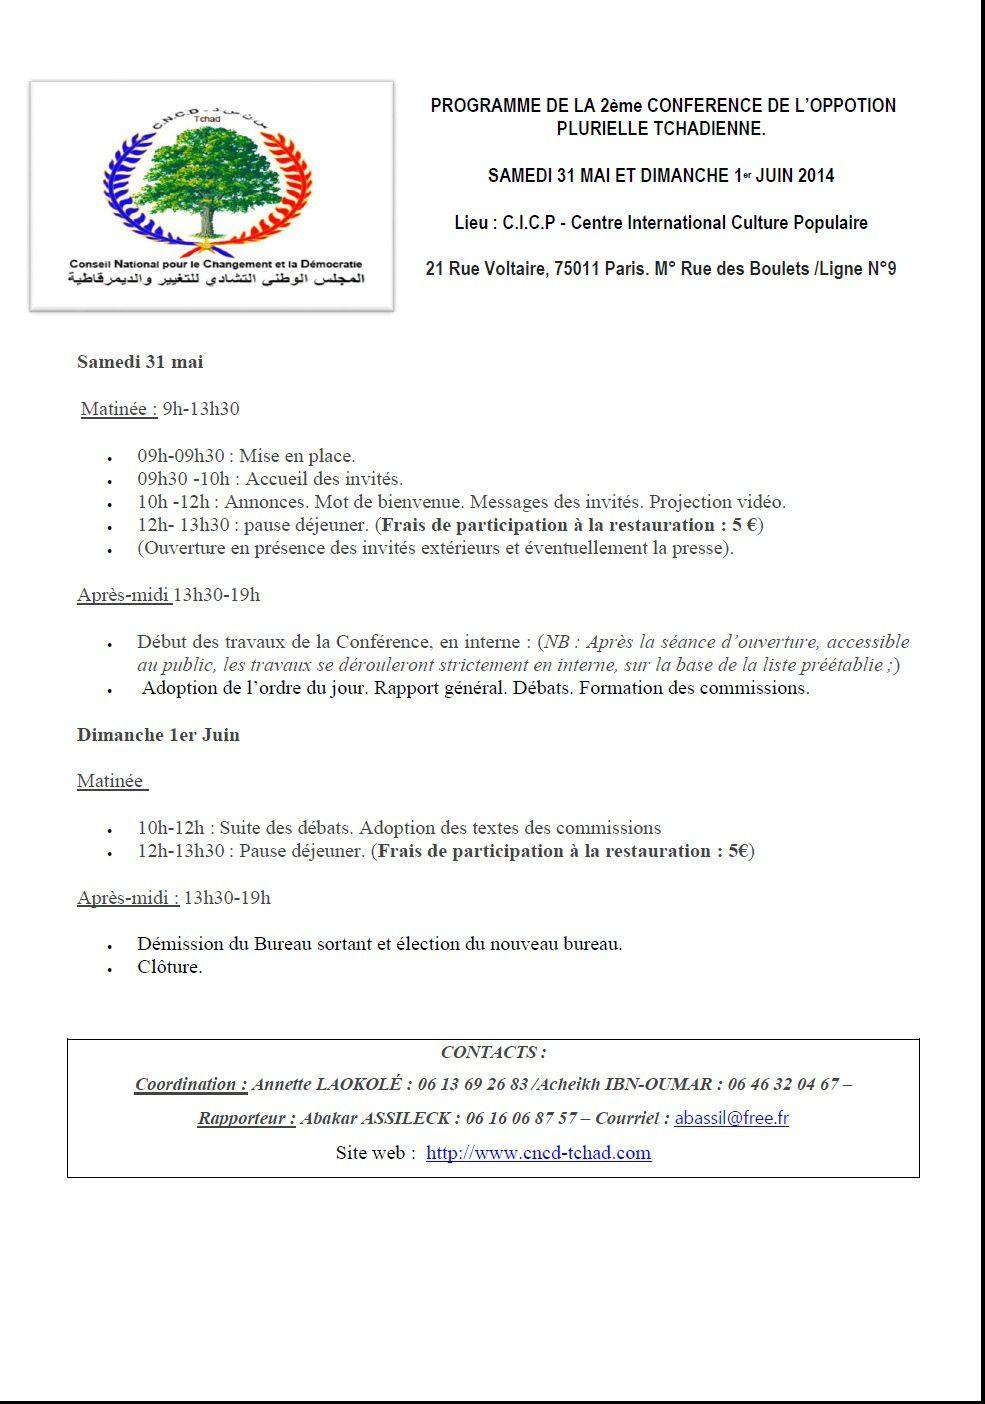 France: le CNCD organise une conférence de l'opposition plurielle